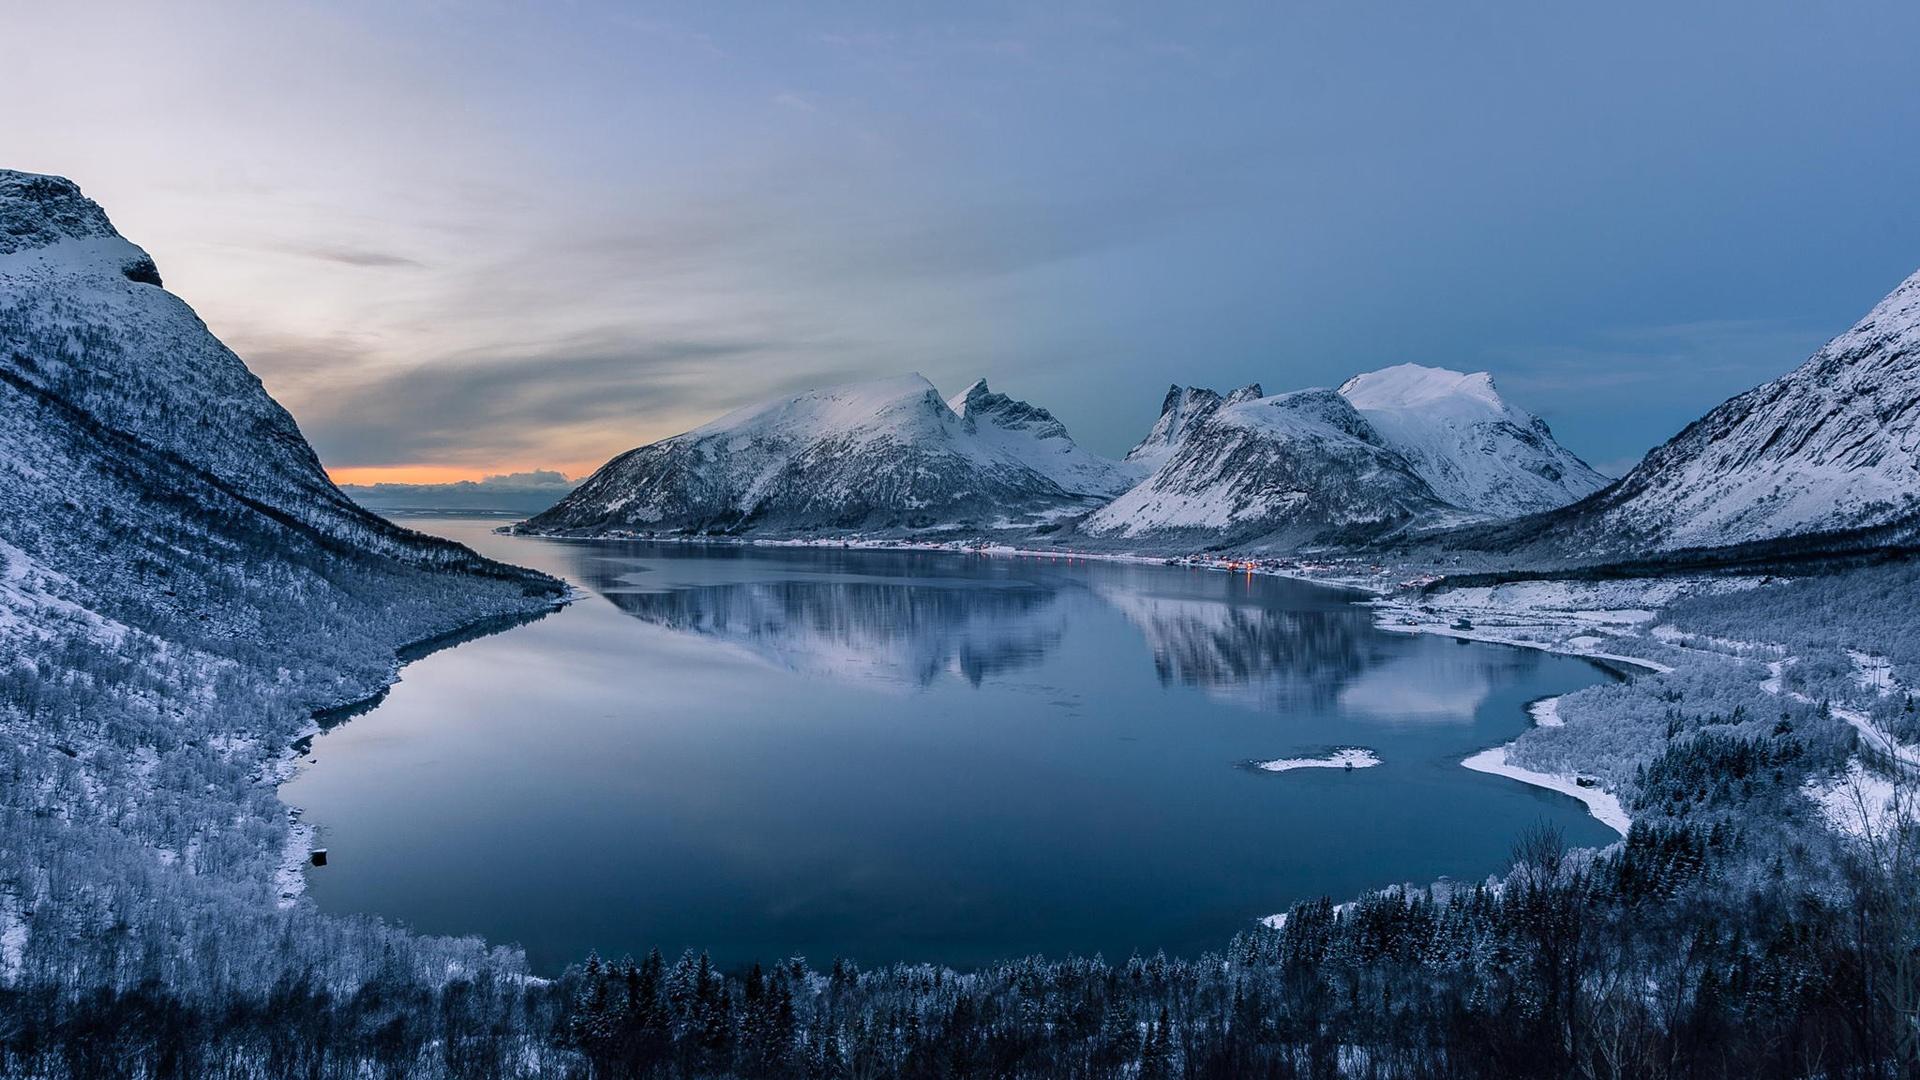 Lago Con Montañas Nevadas Hd: Montañas, Invierno, Nieve, Bosque, Lago, Paisaje De La